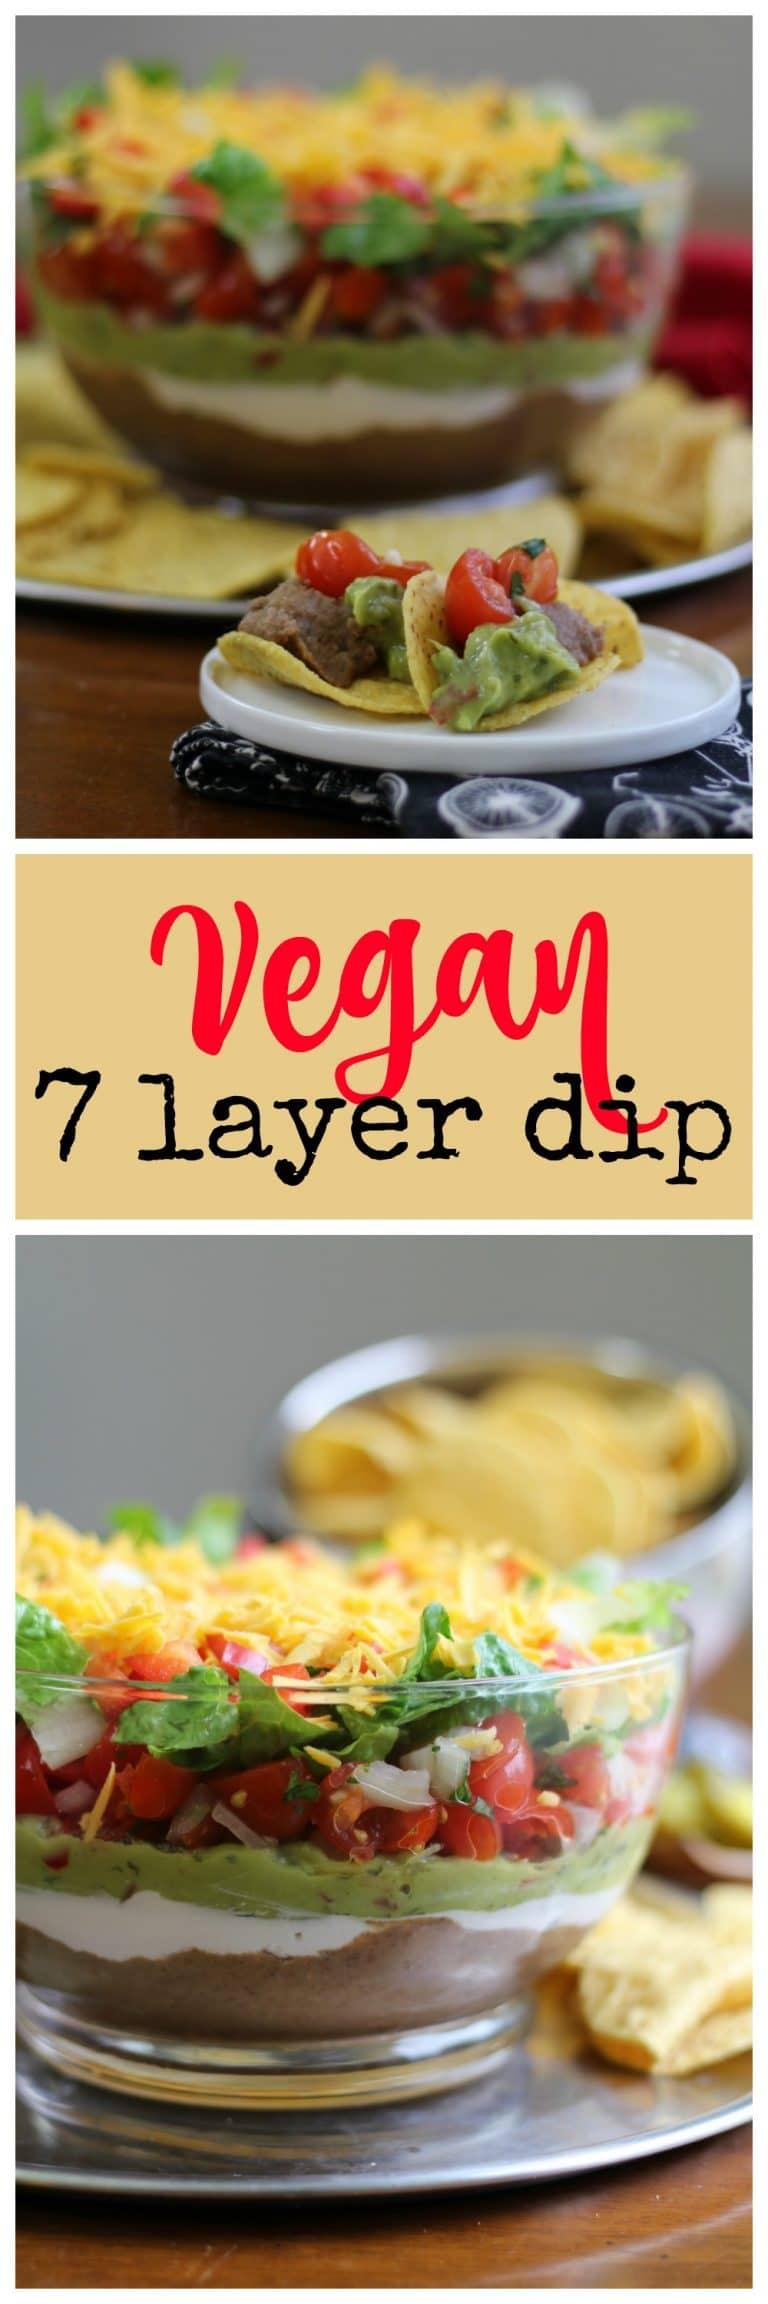 Vegan 7 layer dip in glass bowl